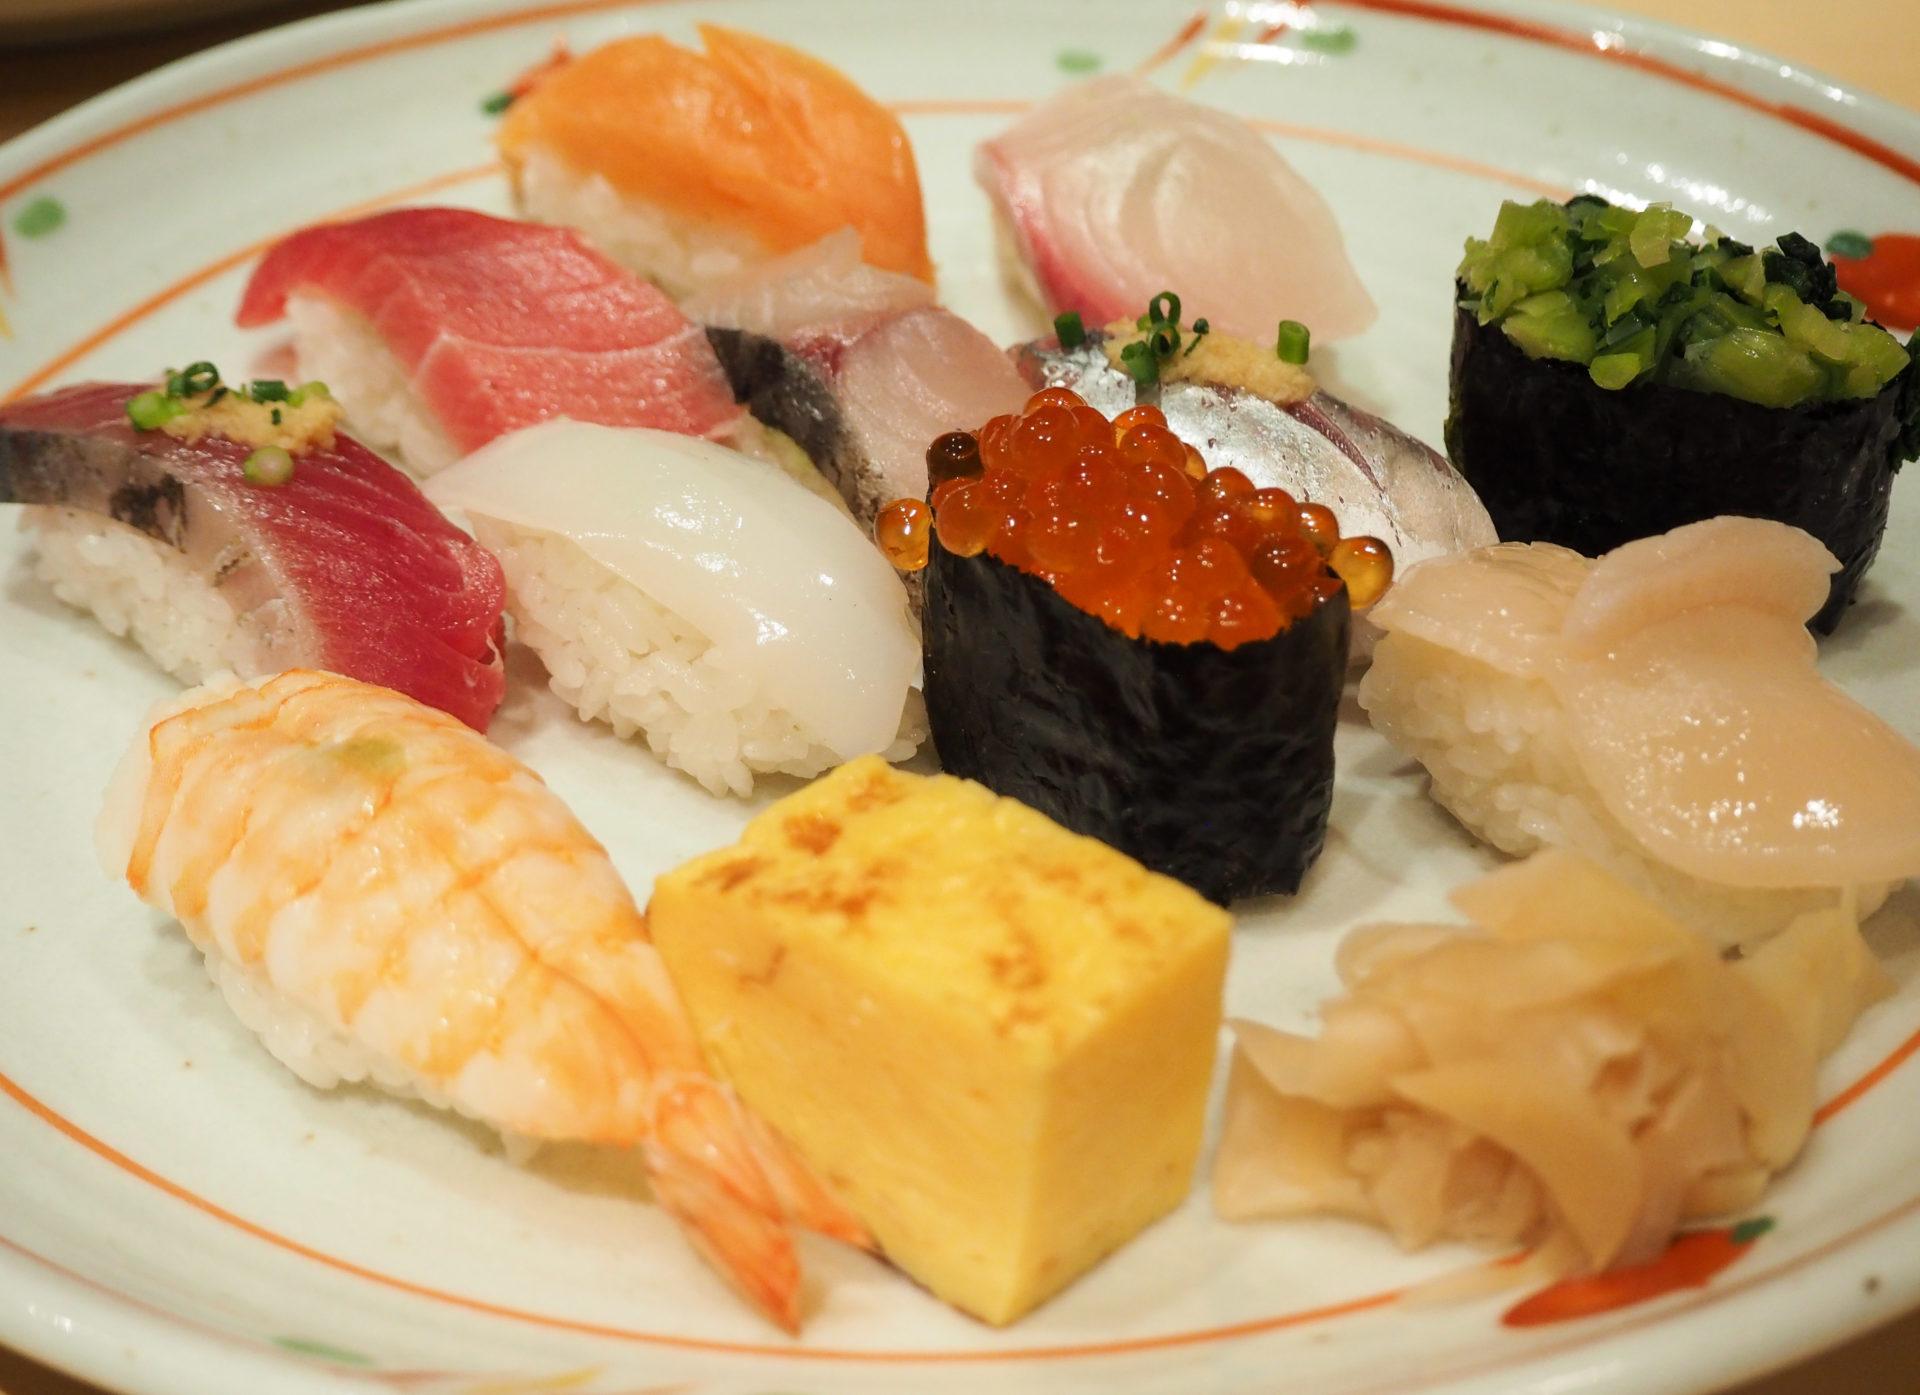 Restaurant de sushis à Ikebukuro - Escale à Tokyo: 24h dans la capitale du Japon - Tokyo en 24h - Récit et itinéraire pour visiter Tokyo en une journée